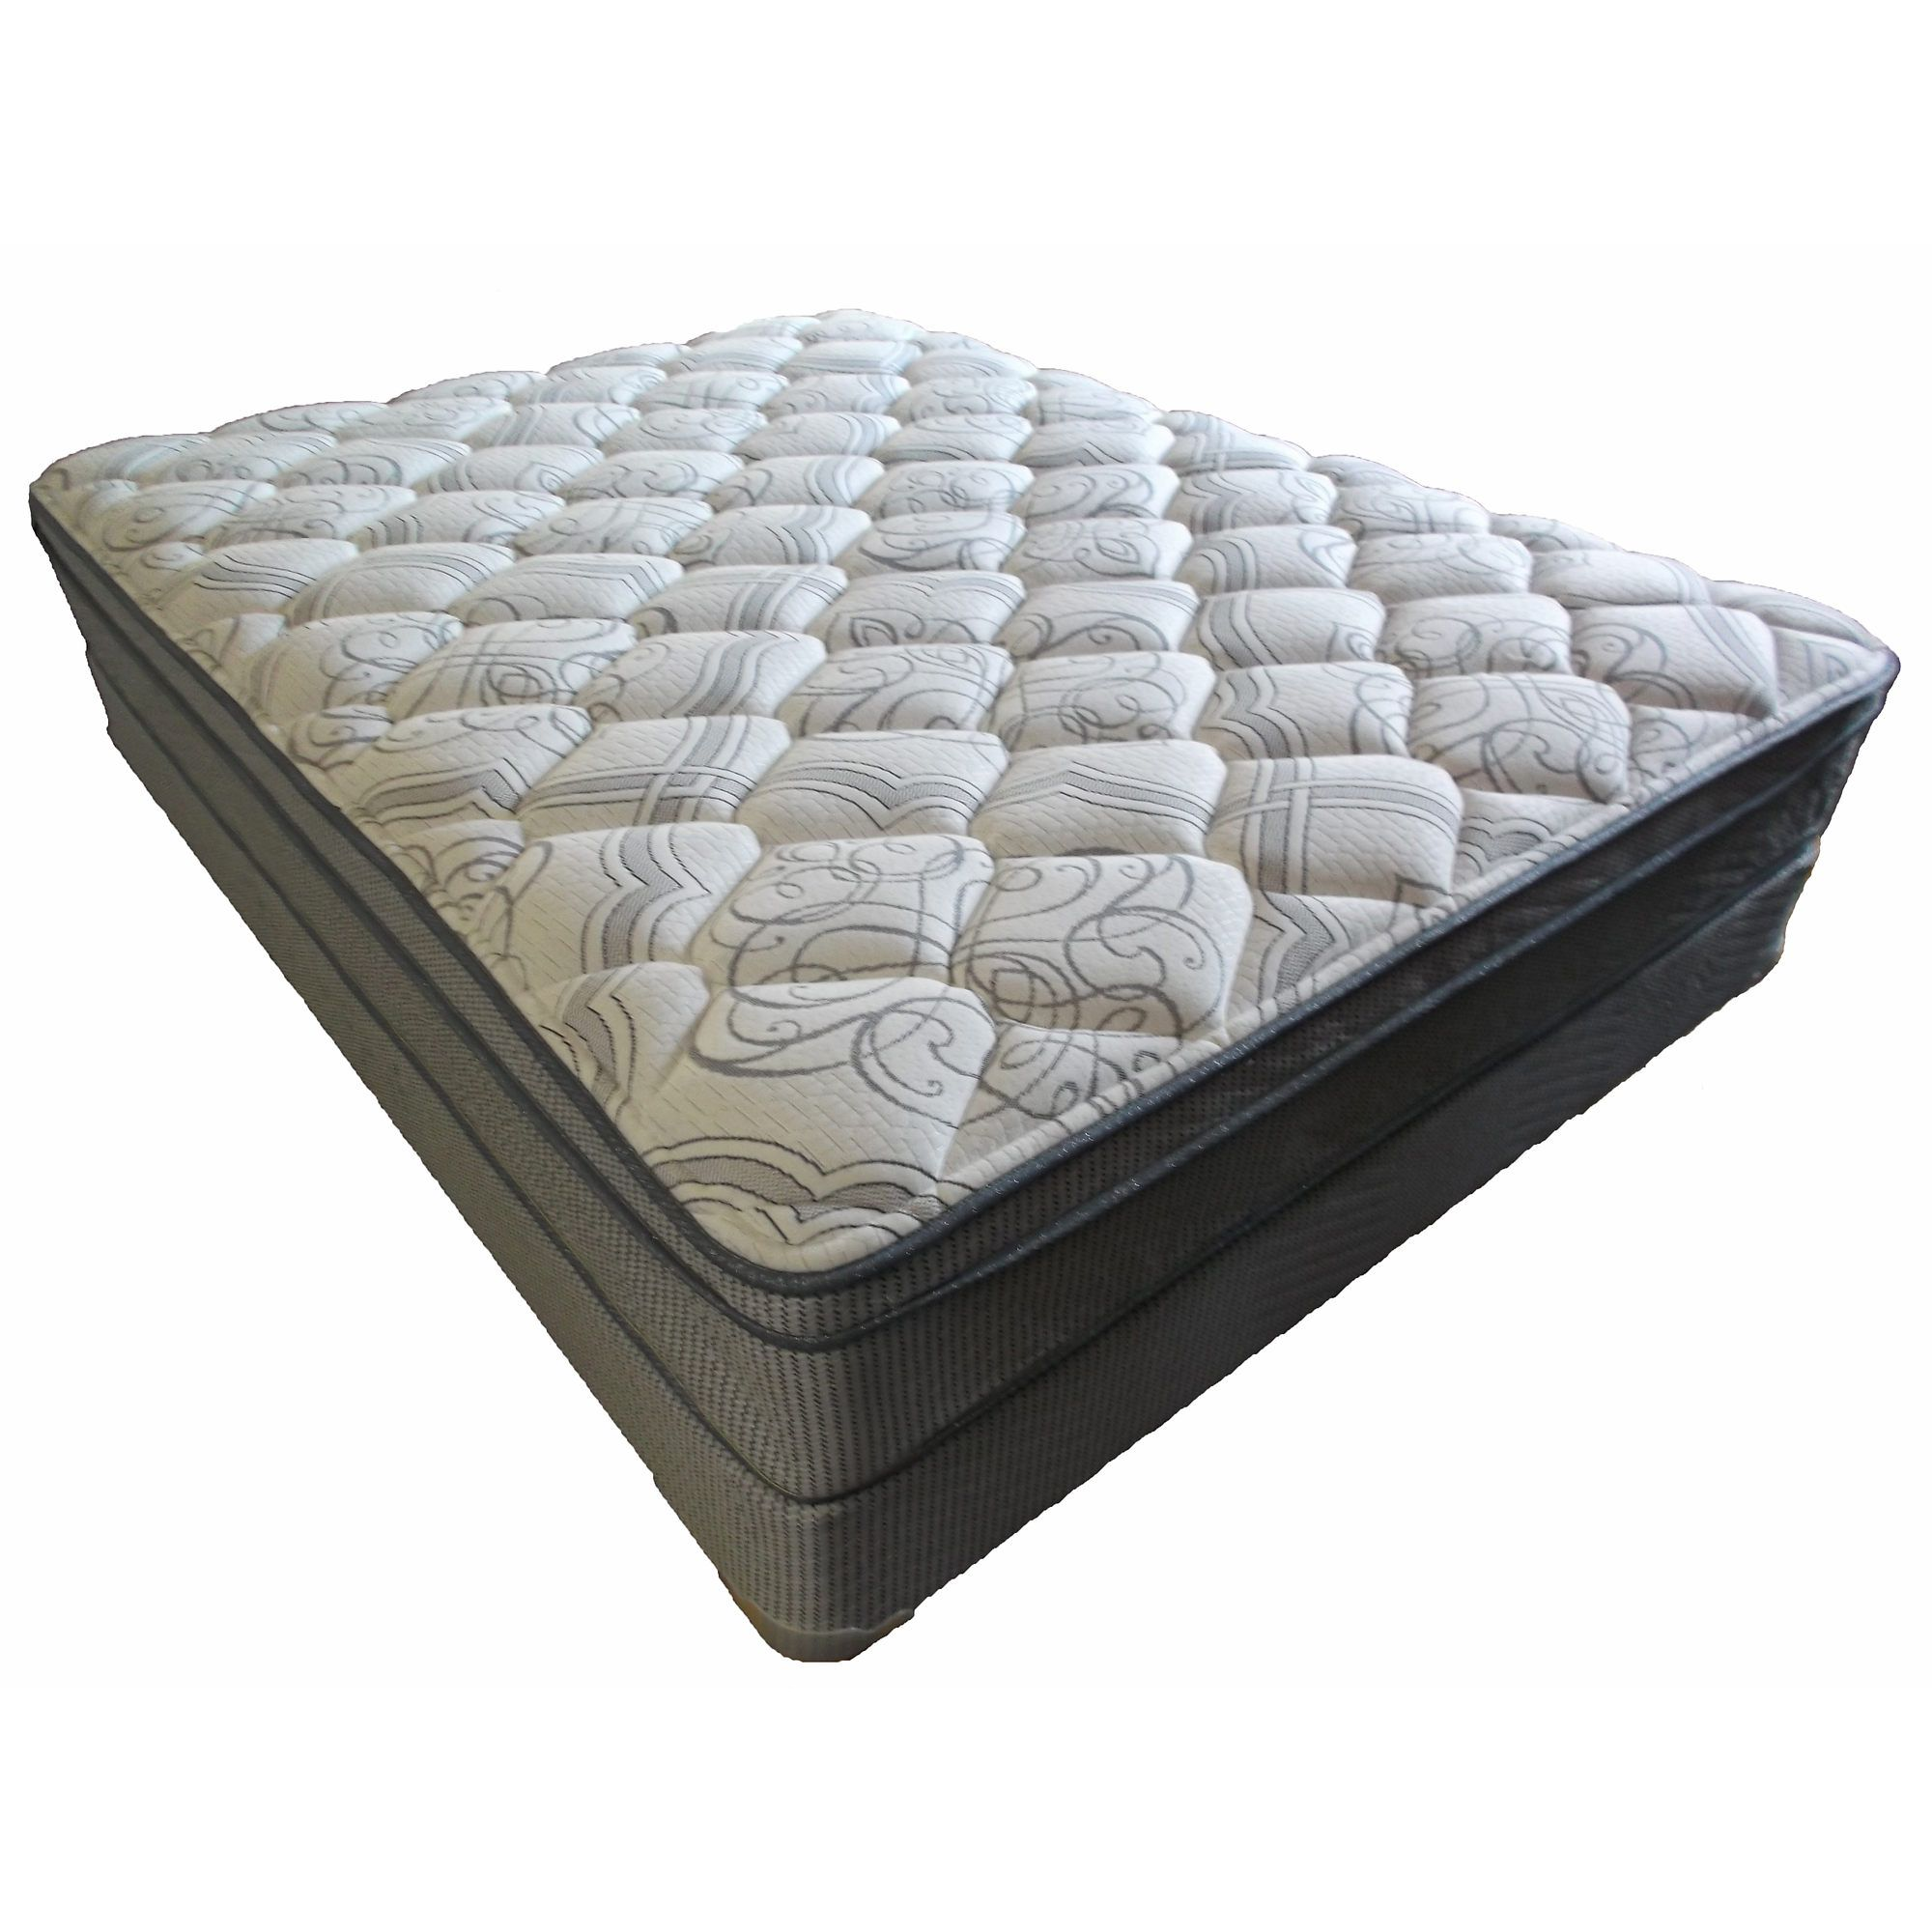 Berkley Jensen Queen-size Euro Pillowtop Mattress Set - Bj' Club Home Ideas